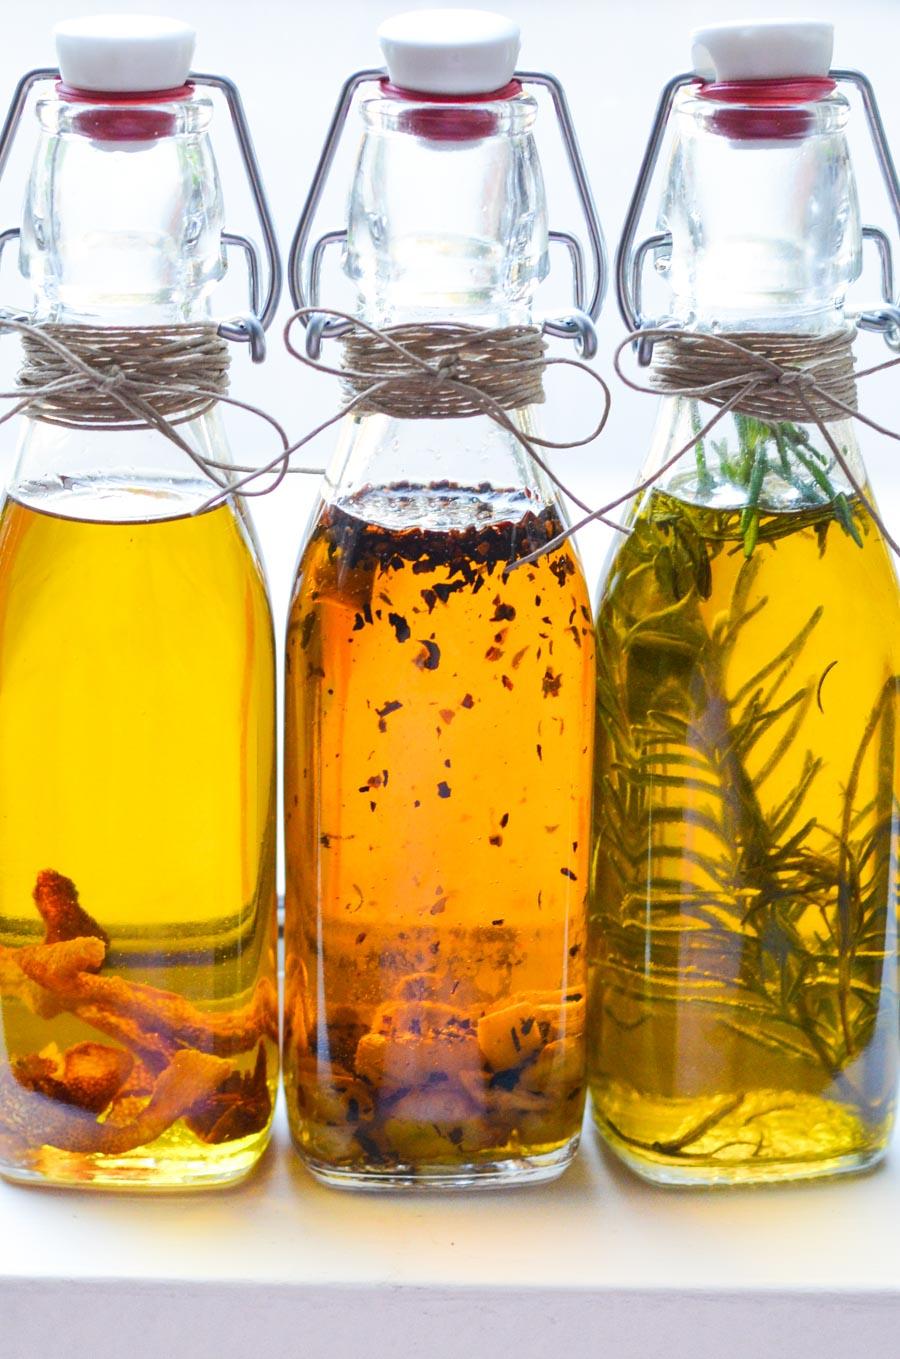 Zeta Extra Virgin Olive Oil Variety Pack, 1 of each flavor; Hot Pepper, Lemon, and Garlic & Basil.